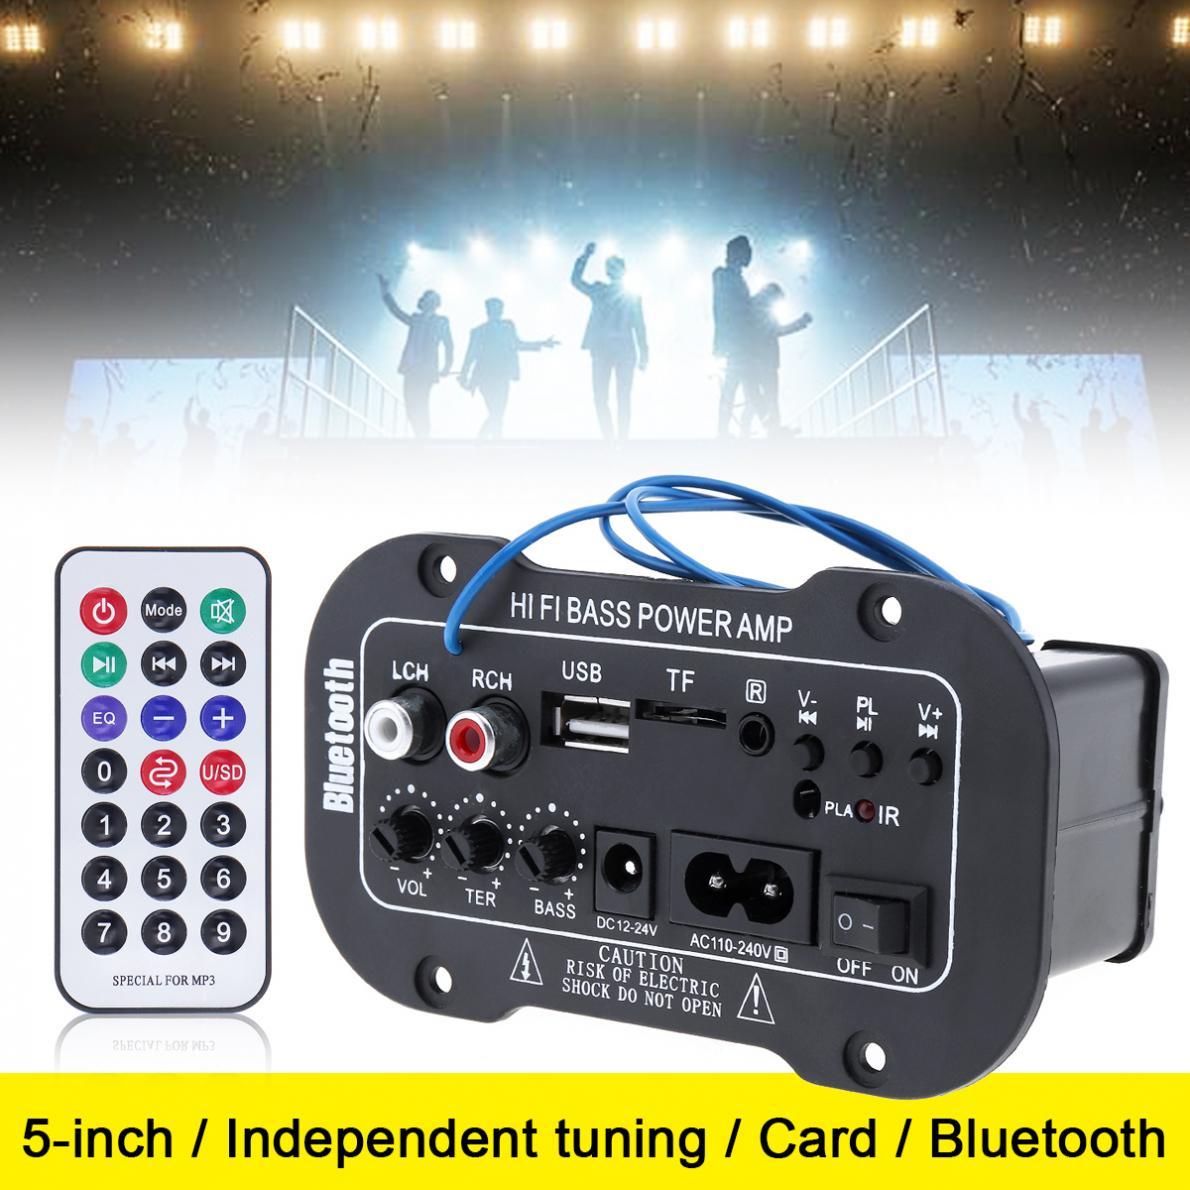 5 дюймов Hi-Fi Bluetooth домашний автомобильный аудио усилитель мощности авто FM радио плеер HiFi бас усилитель мощности поддержка SD USB DVD MP3 вход